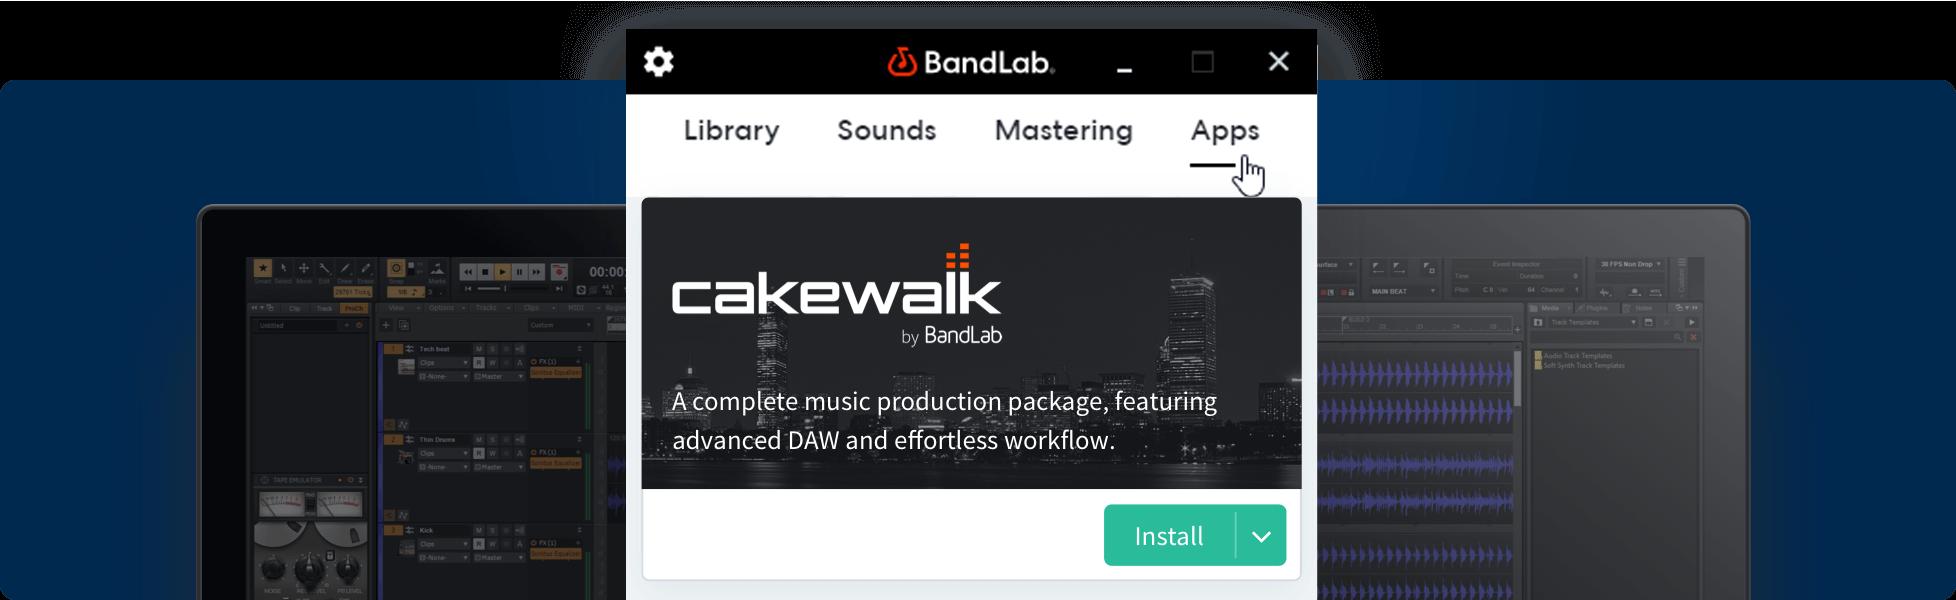 Free Upgrade to Cakewalk by BandLab